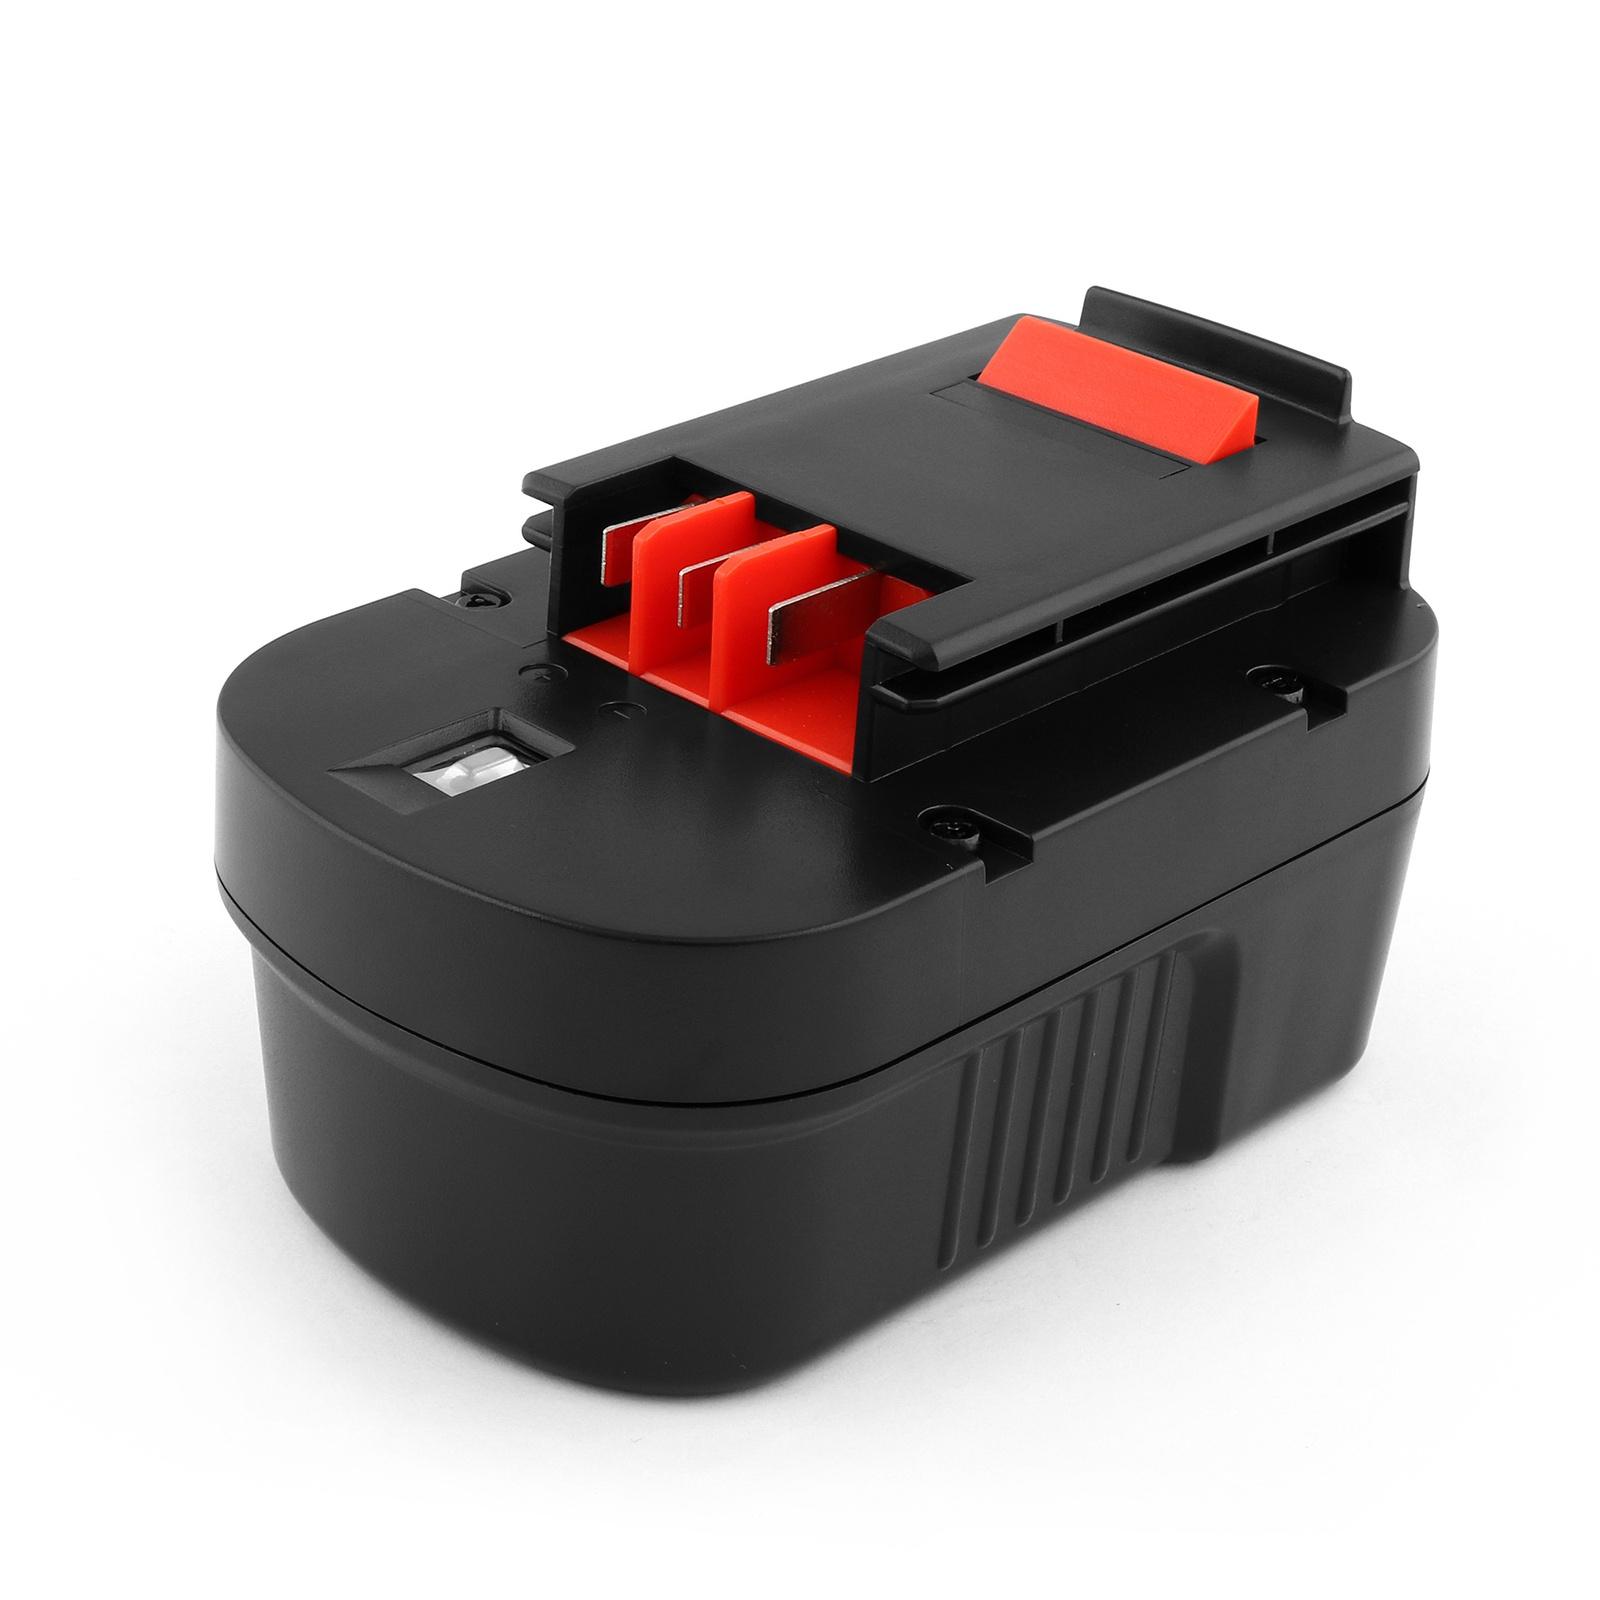 Аккумулятор для инструмента TopON Black & Decker 14.4V 1.5Ah (Ni-Cd) PN: A14, A1714, 499936-34, 499936-35.TOP-PTGD-BD-14.4-1.5ВНИМАНИЕ!!! Товар сертифицирован!!! Соответствует стандартам безопасности ГОСТ 12.2.007.12-88. Аккумуляторы TopOn для электроинструментов – это аккумуляторы хорошего качества и высокой надёжности. Приобретая продукцию TopOn, вы получаете: 1. Производство из качественных комплектующих. 2. Полную совместимость с заявленным устройством. 3. Оснащение фирменной защитой (от перегрева, перегрузки, перезаряда и переразряда, от перегрузки и от скачков напряжения сети). 4. 6 месяцев гарантии. В отличие от многочисленных подделок, в аккумуляторах TopOn присутствуют и правильно настроены все необходимые для нормальной и безопасной работы электронные схемы защиты. В случае возникновения проблем в работе аккумулятора в течение полугода - вы можете рассчитывать на отсутствие сложностей при осуществлении гарантийных обязательств.